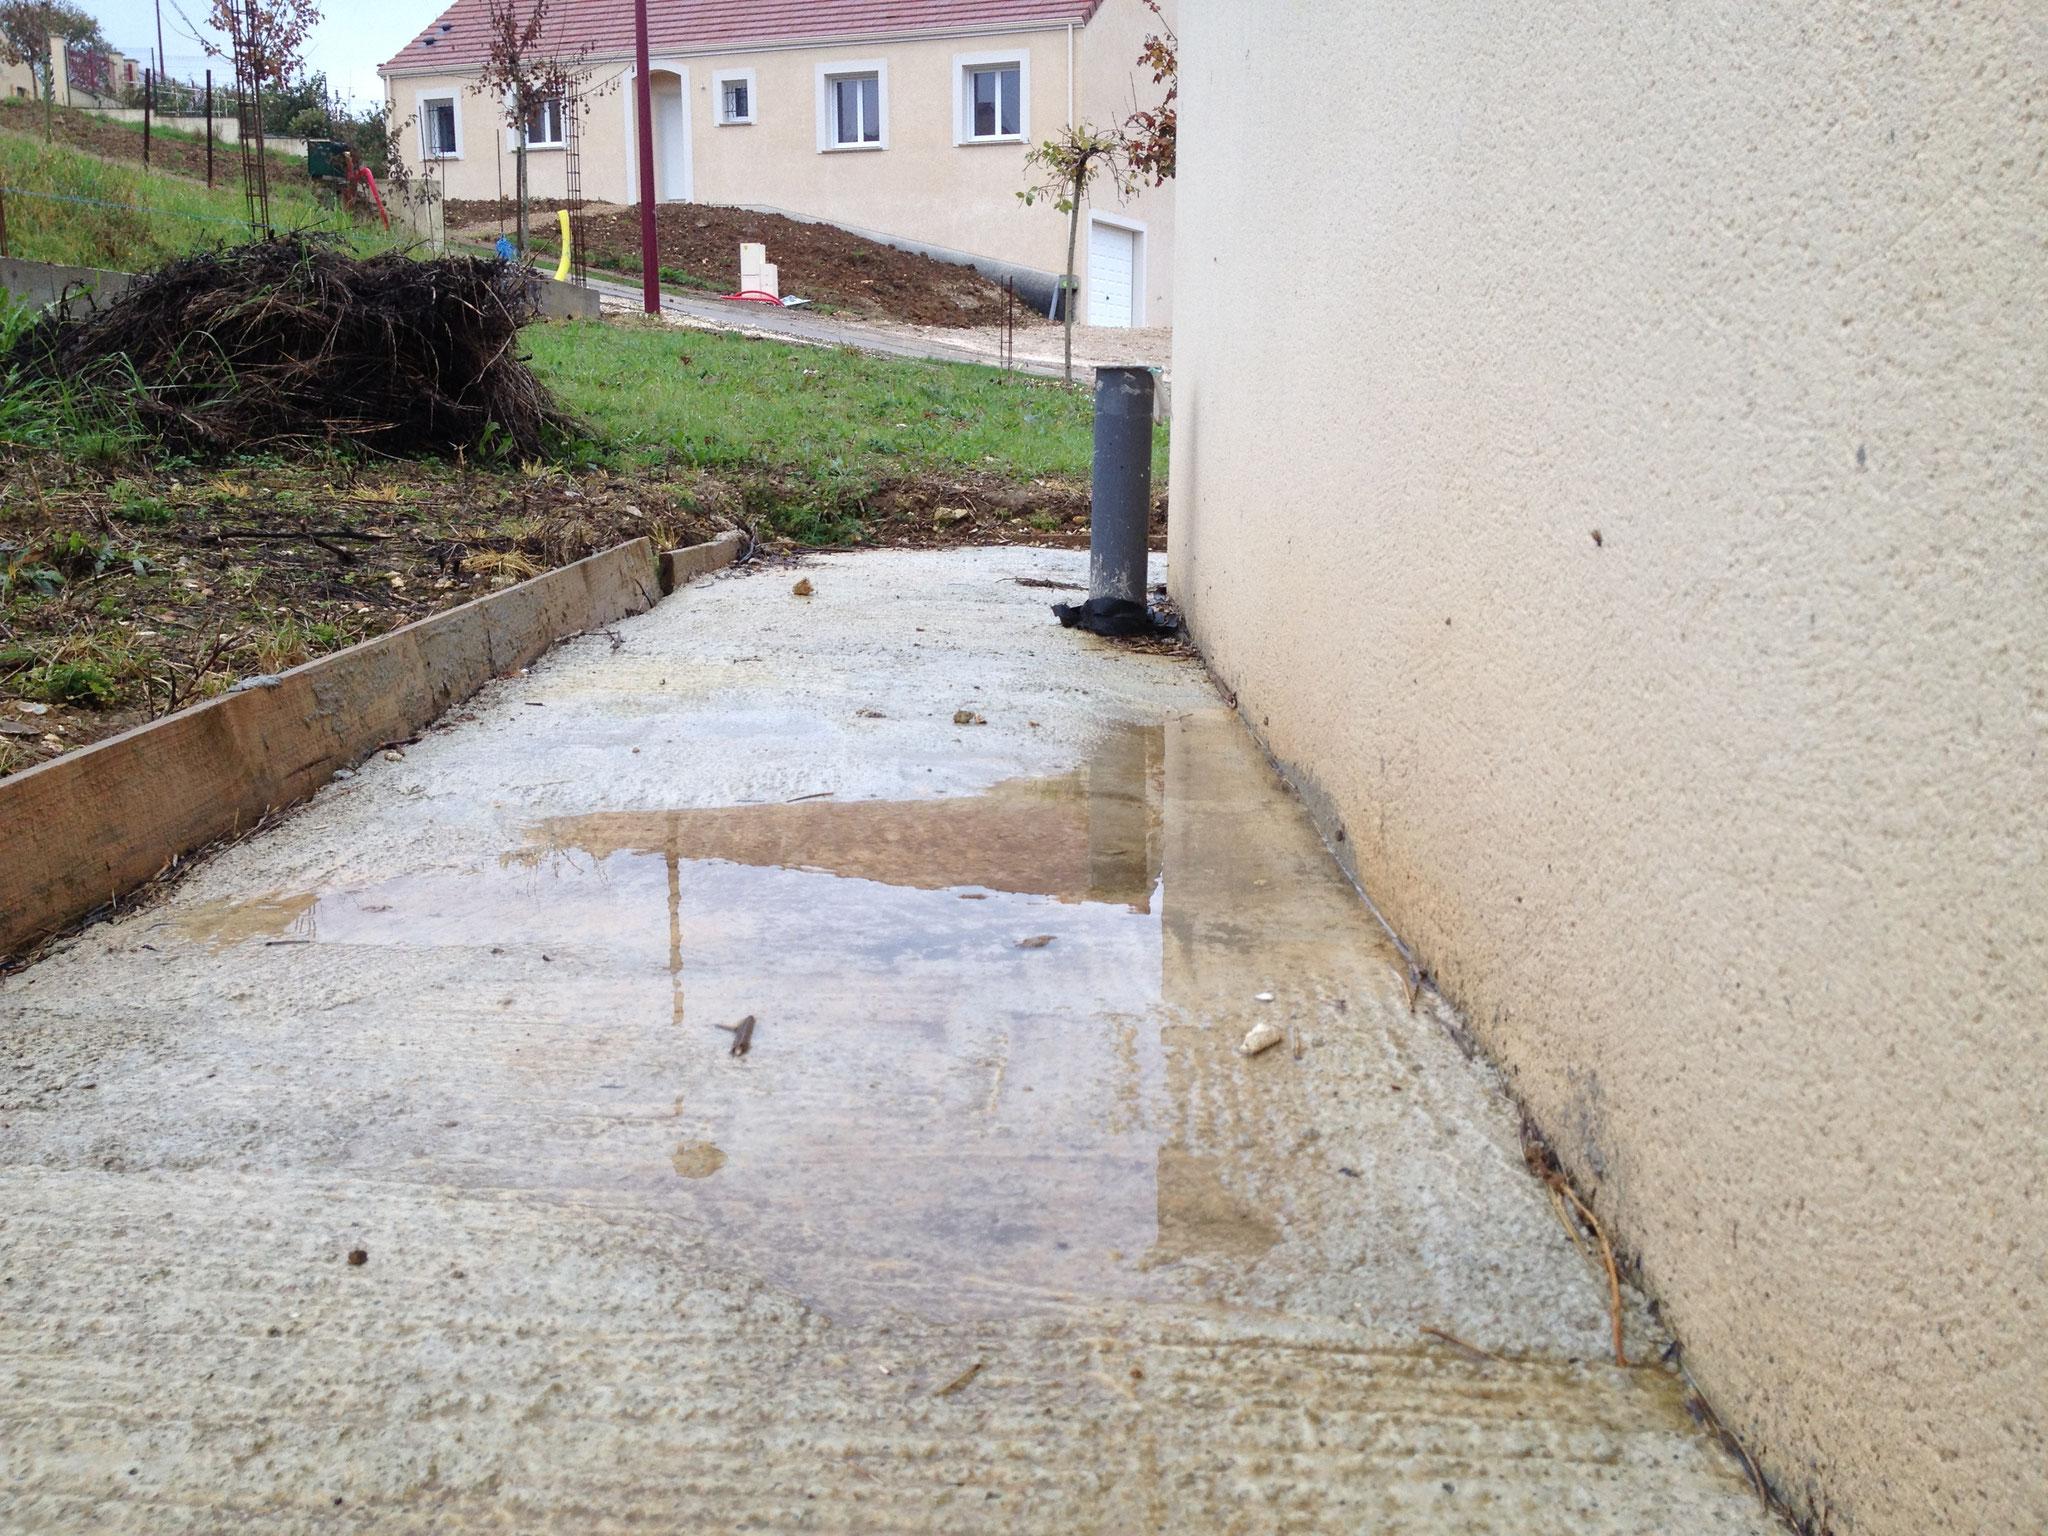 Malfaçon, absence de joint de dilatation et contrepente qui entraîne une mauvaise évacuation des eaux pluviales